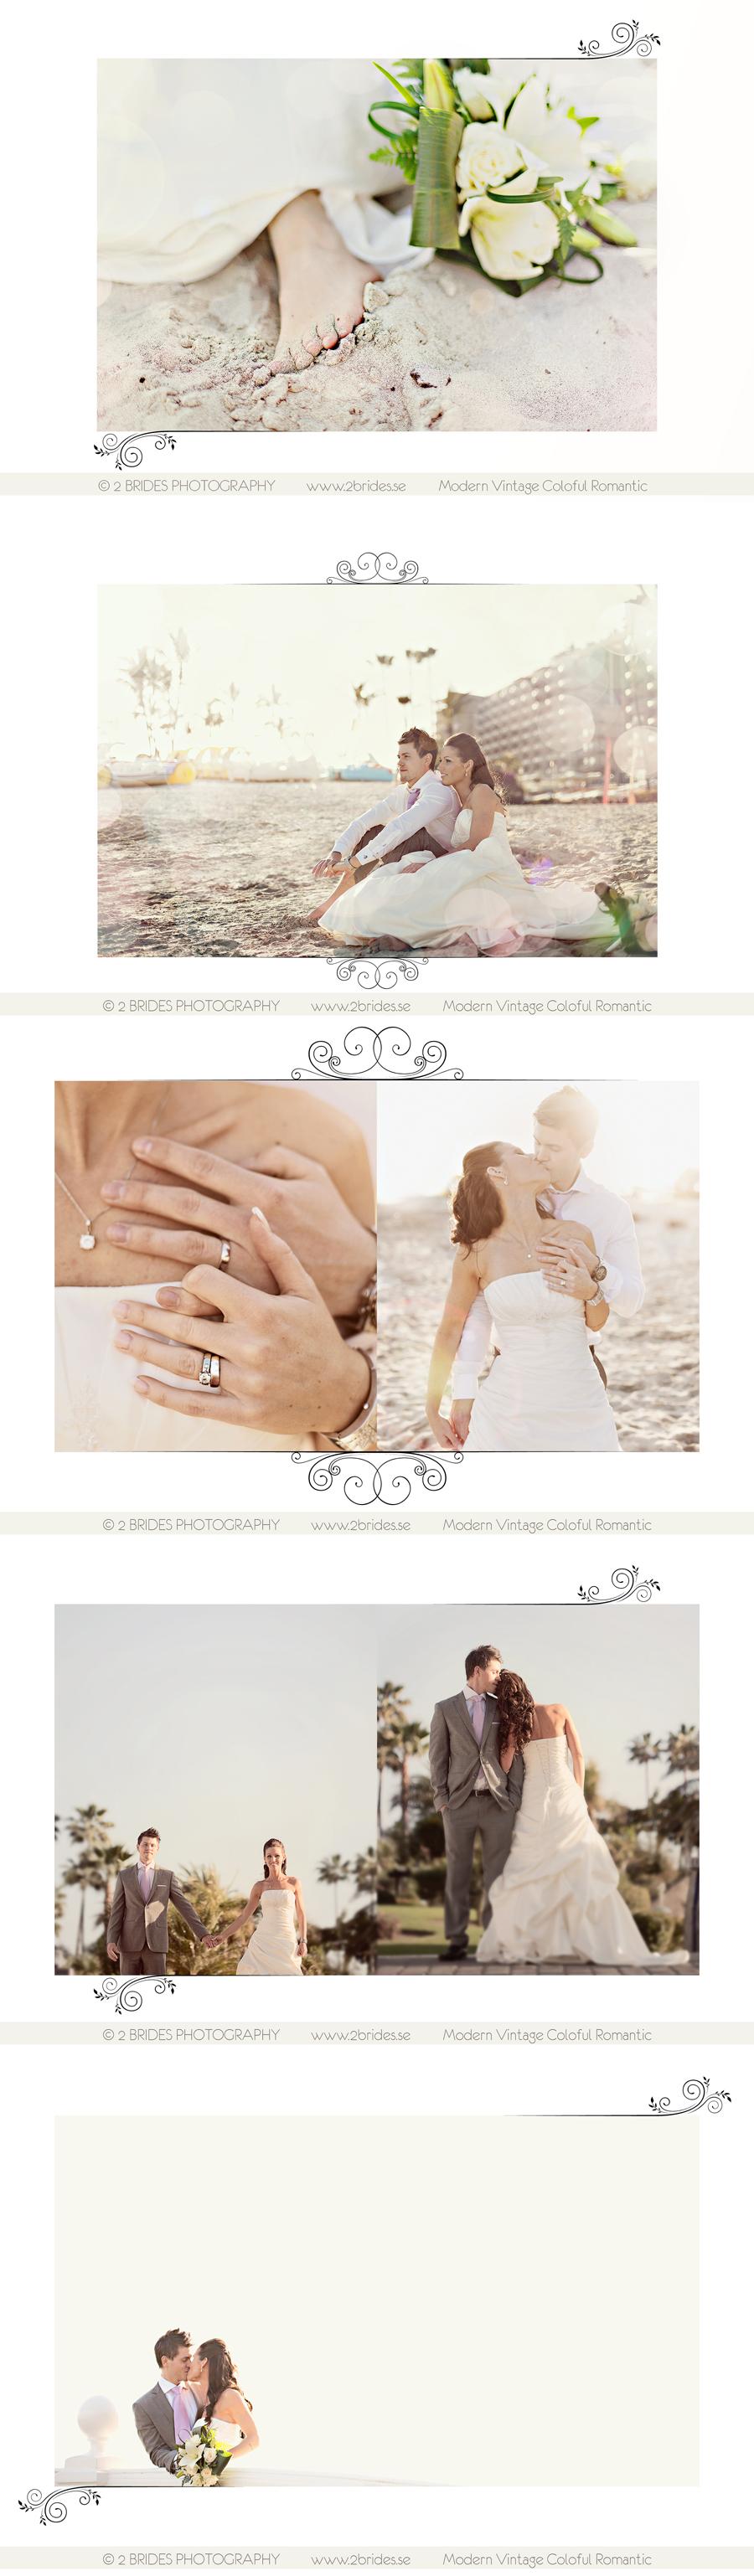 2 Brides - Bröllopsbilder från Gran Canaria 12 januari 2011 1